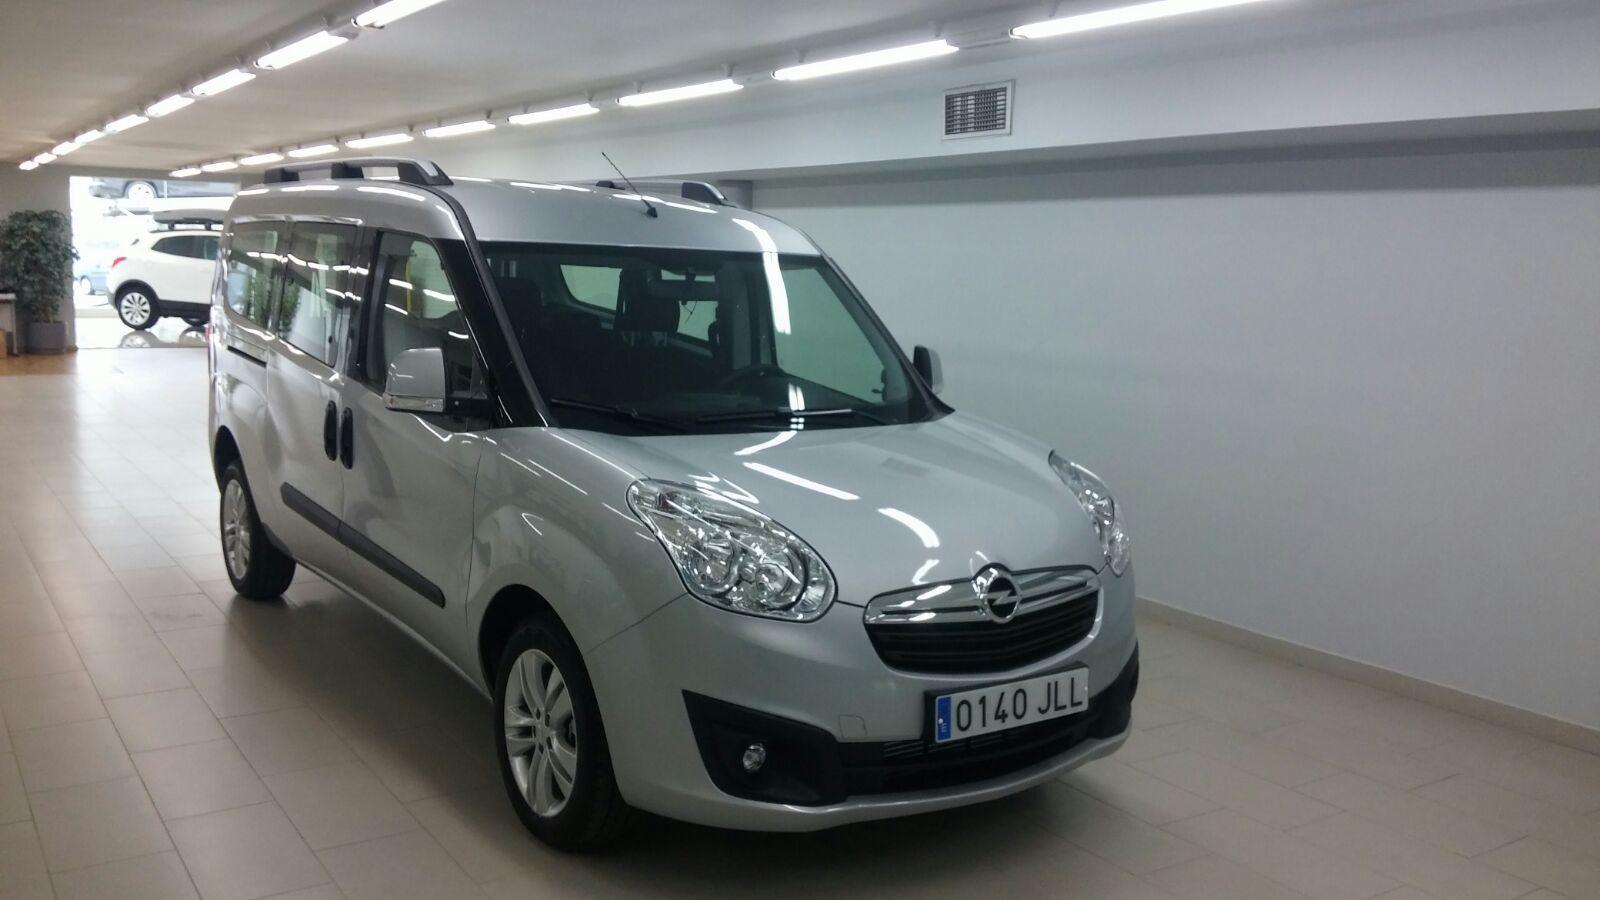 ¡¡APROVECHE LA OCASIÓN!! Opel Combo 105cv L2 Expression por 14600€*